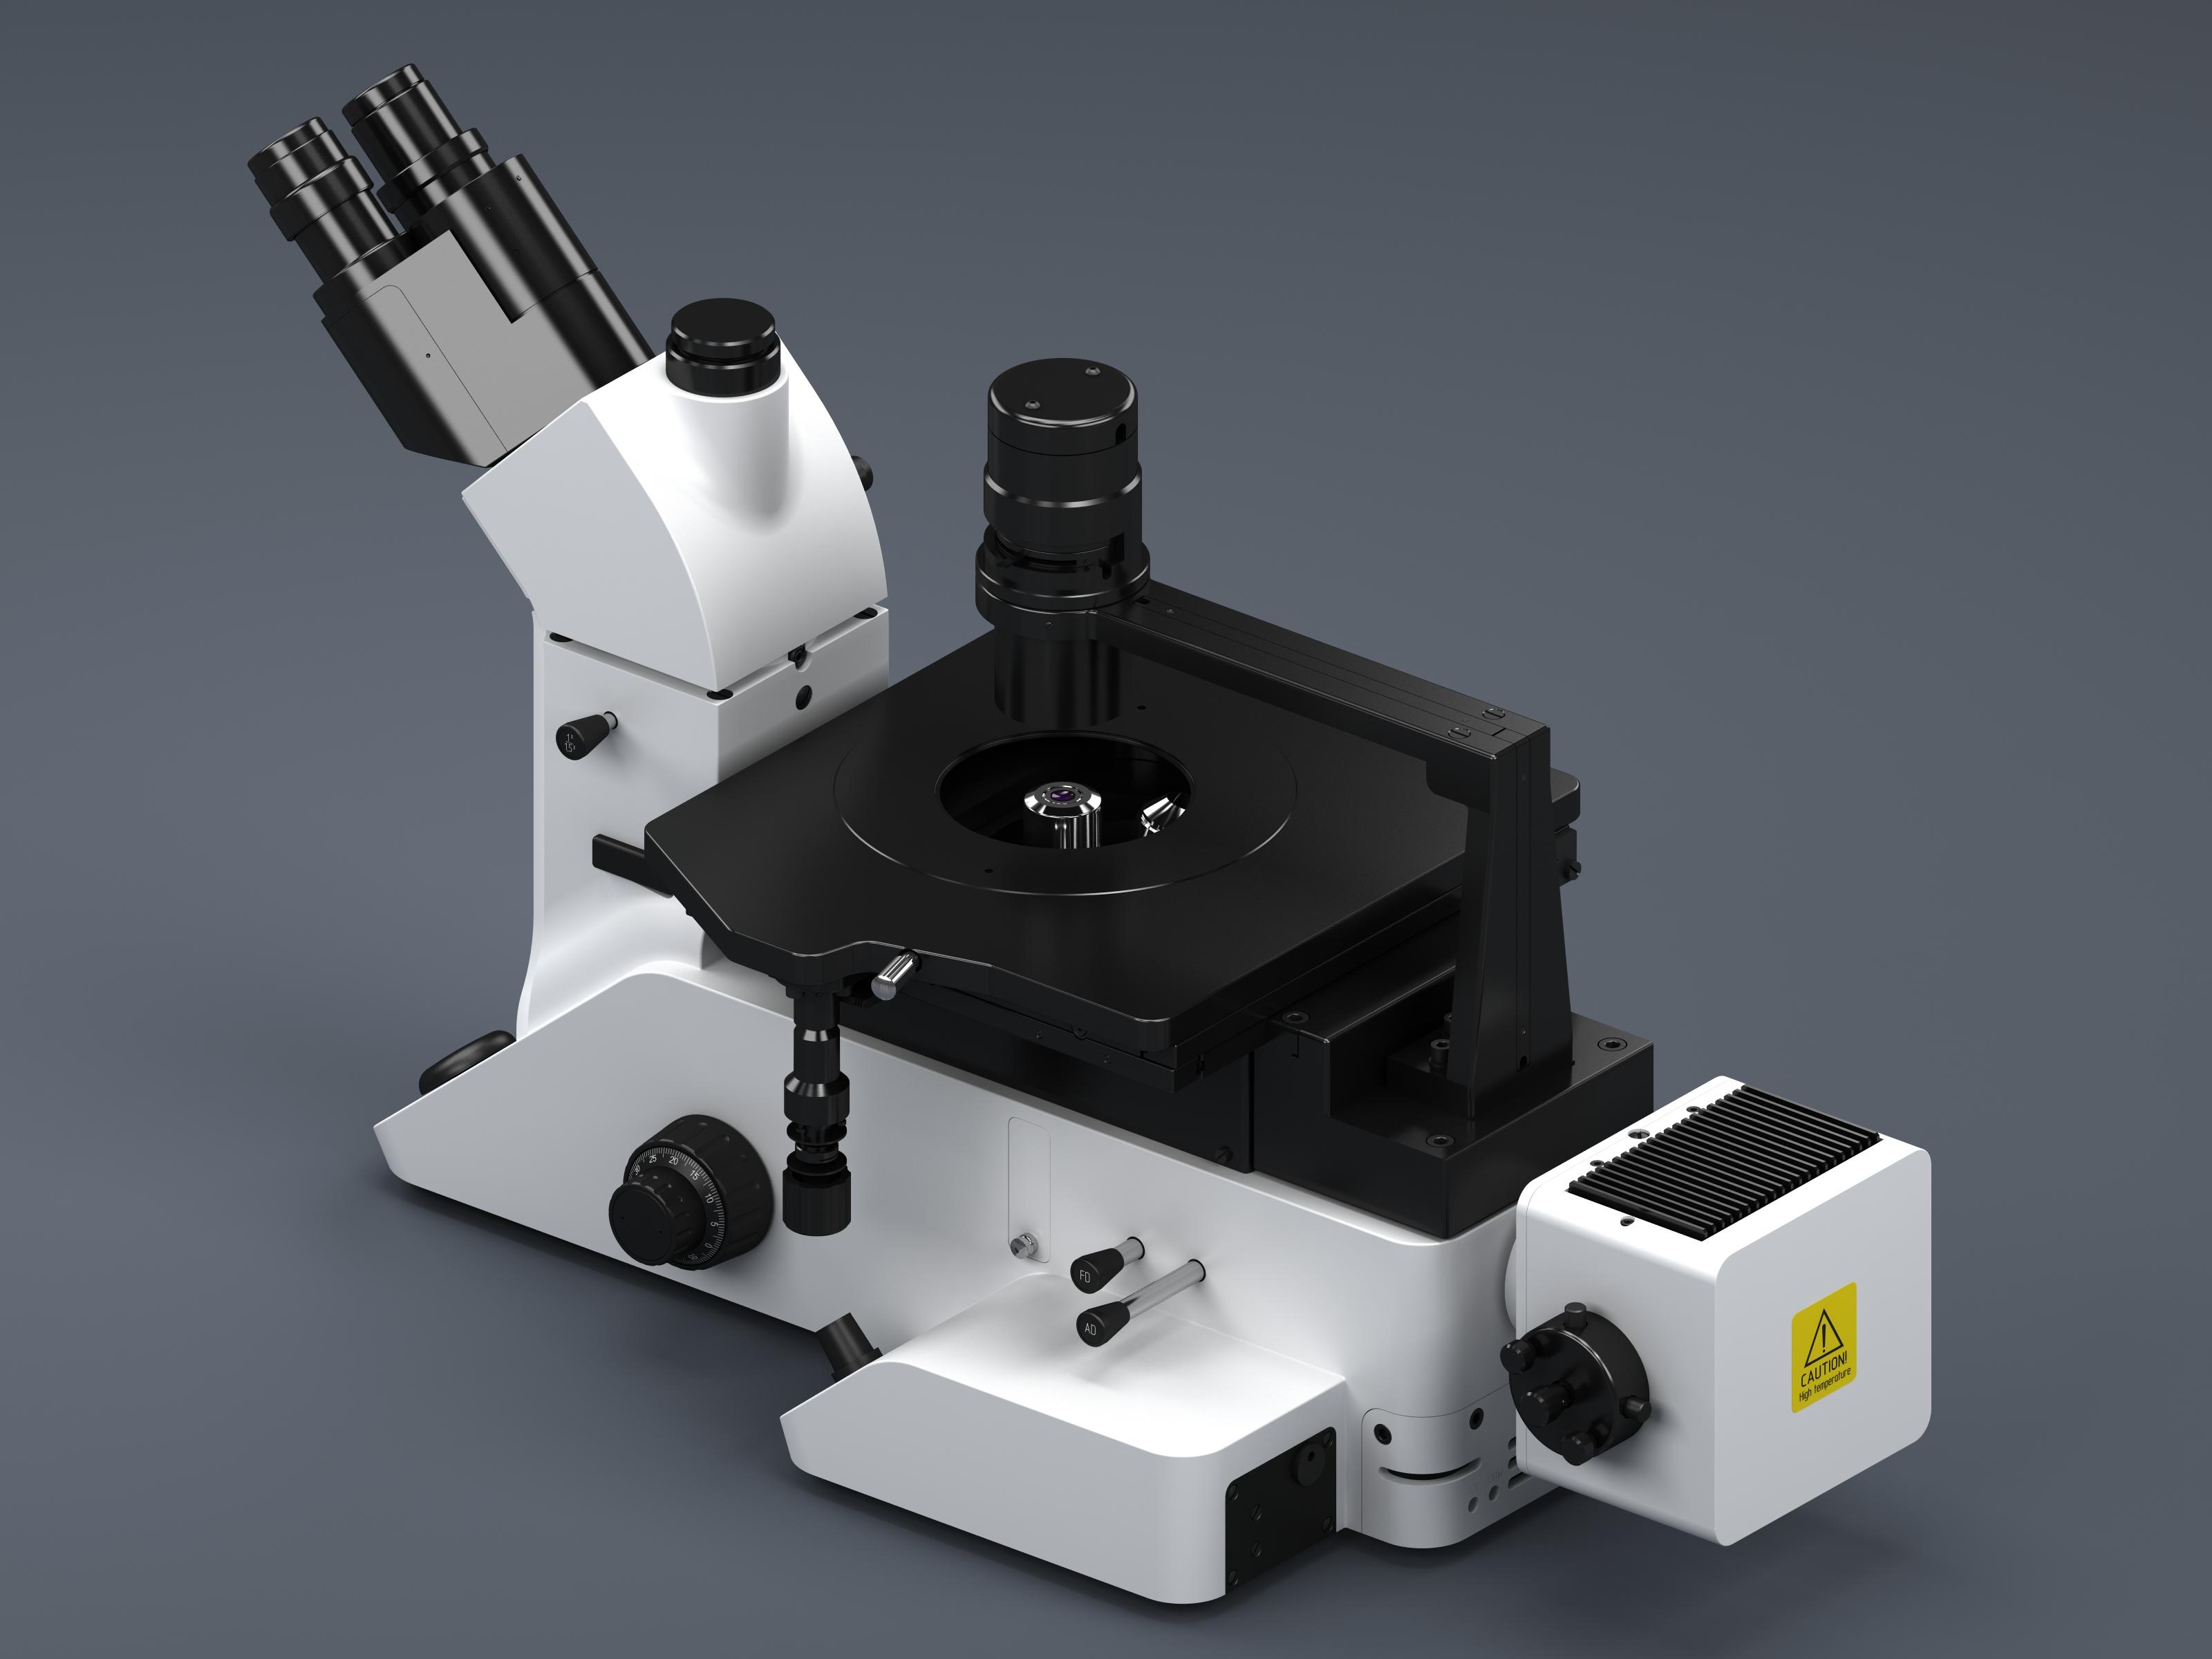 Промышленный дизайн промышленного микроскопа МИ-1